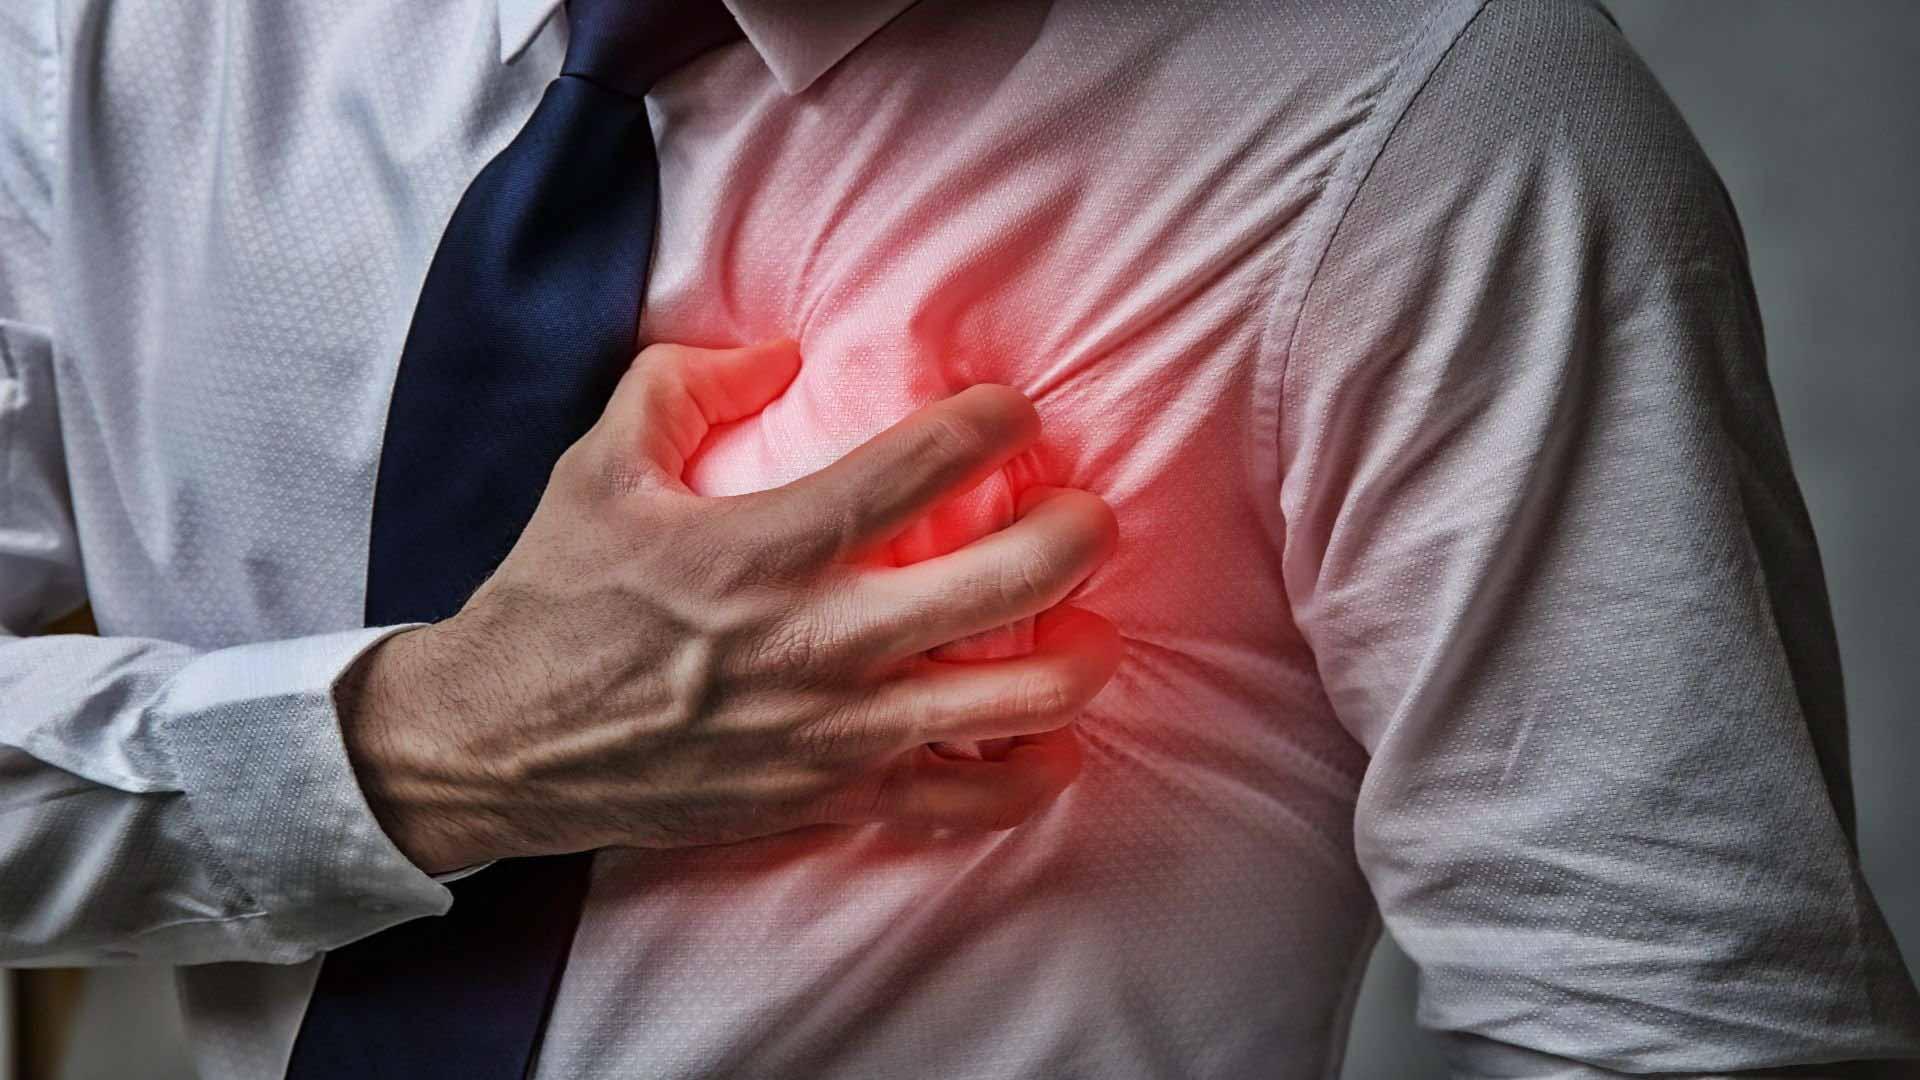 Кардиолог назвал симптомы, указывающие на сердечный приступ